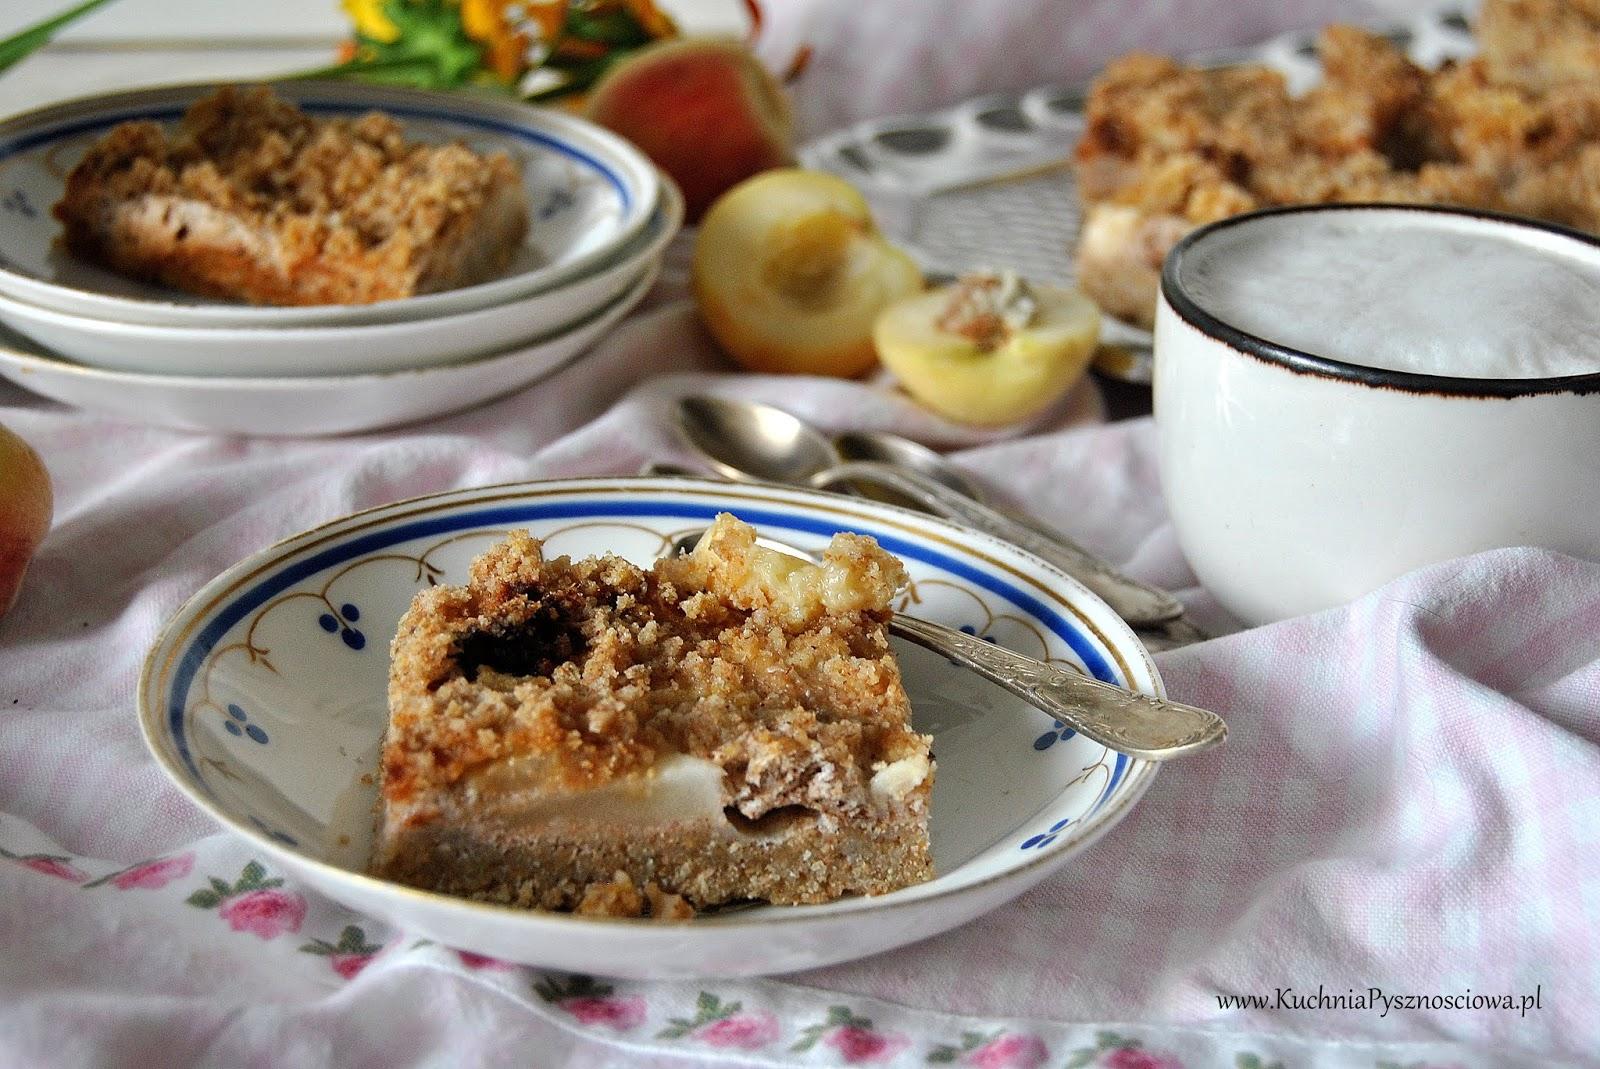 630. Ciasto orkiszowe z kefirem i brzoskwiniami